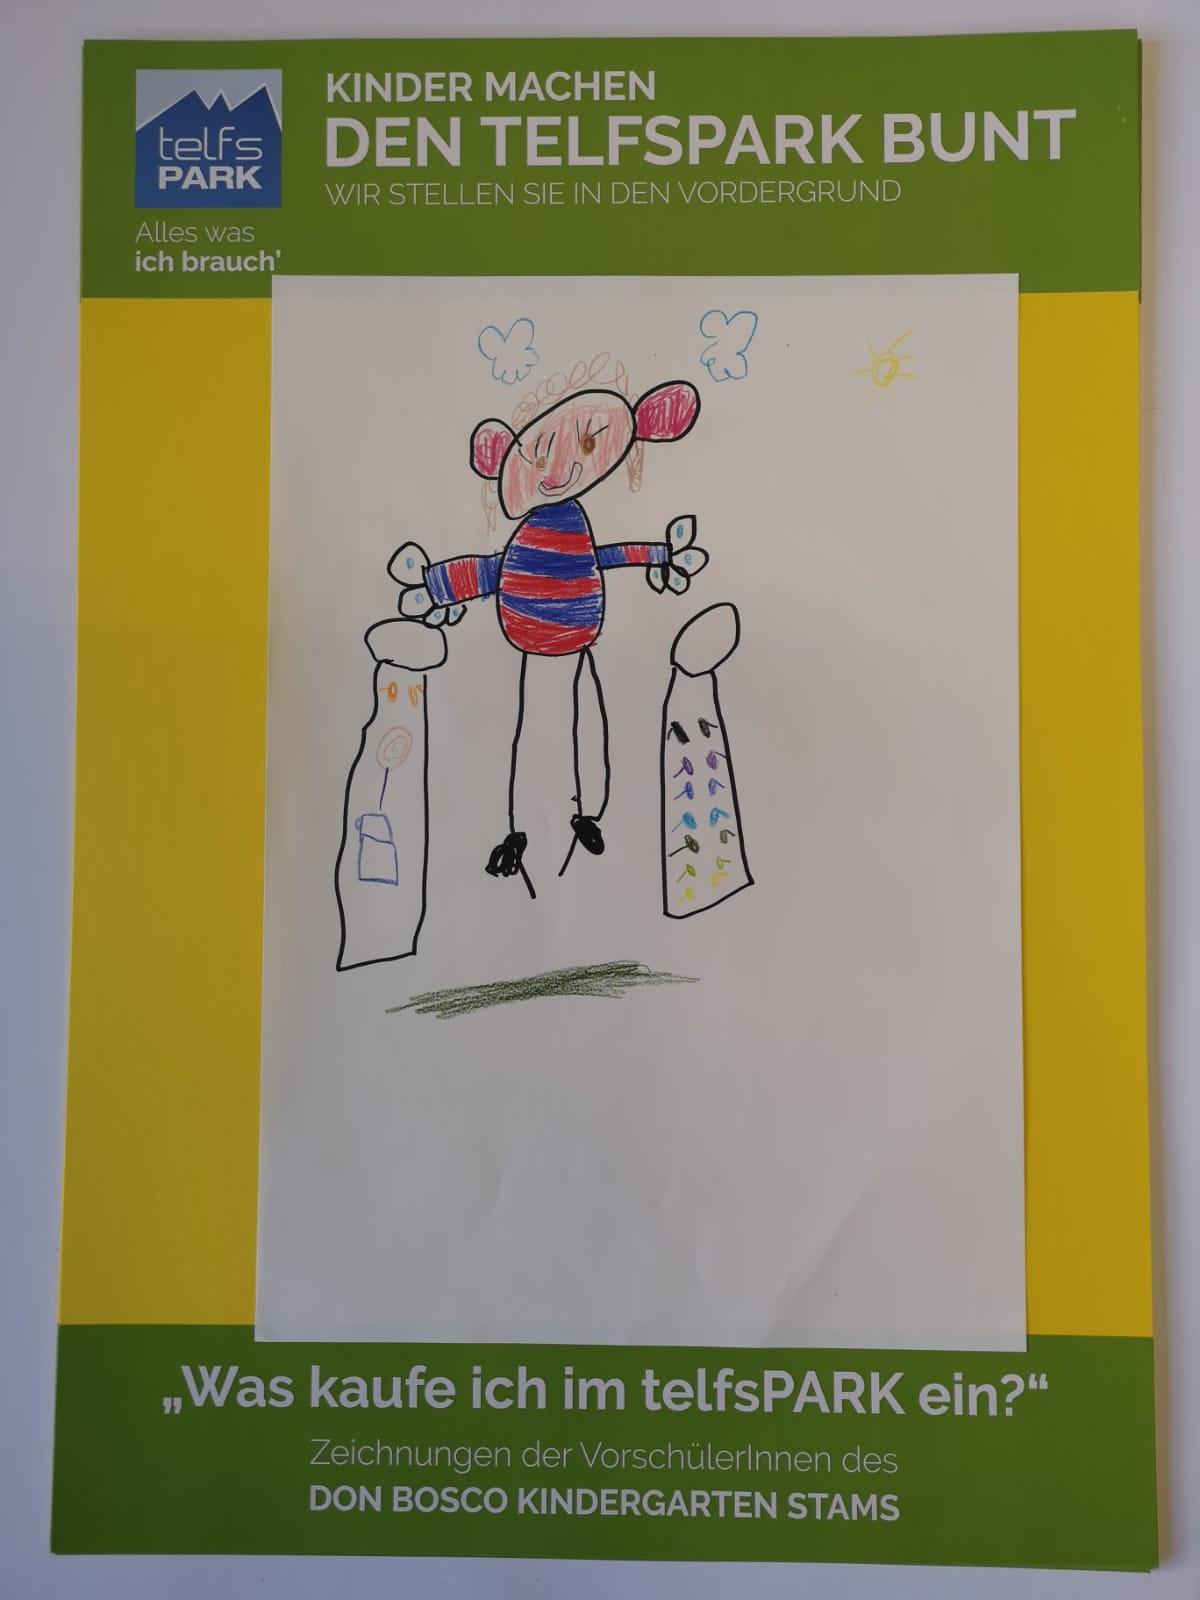 kindergarten-stams-13.jpg